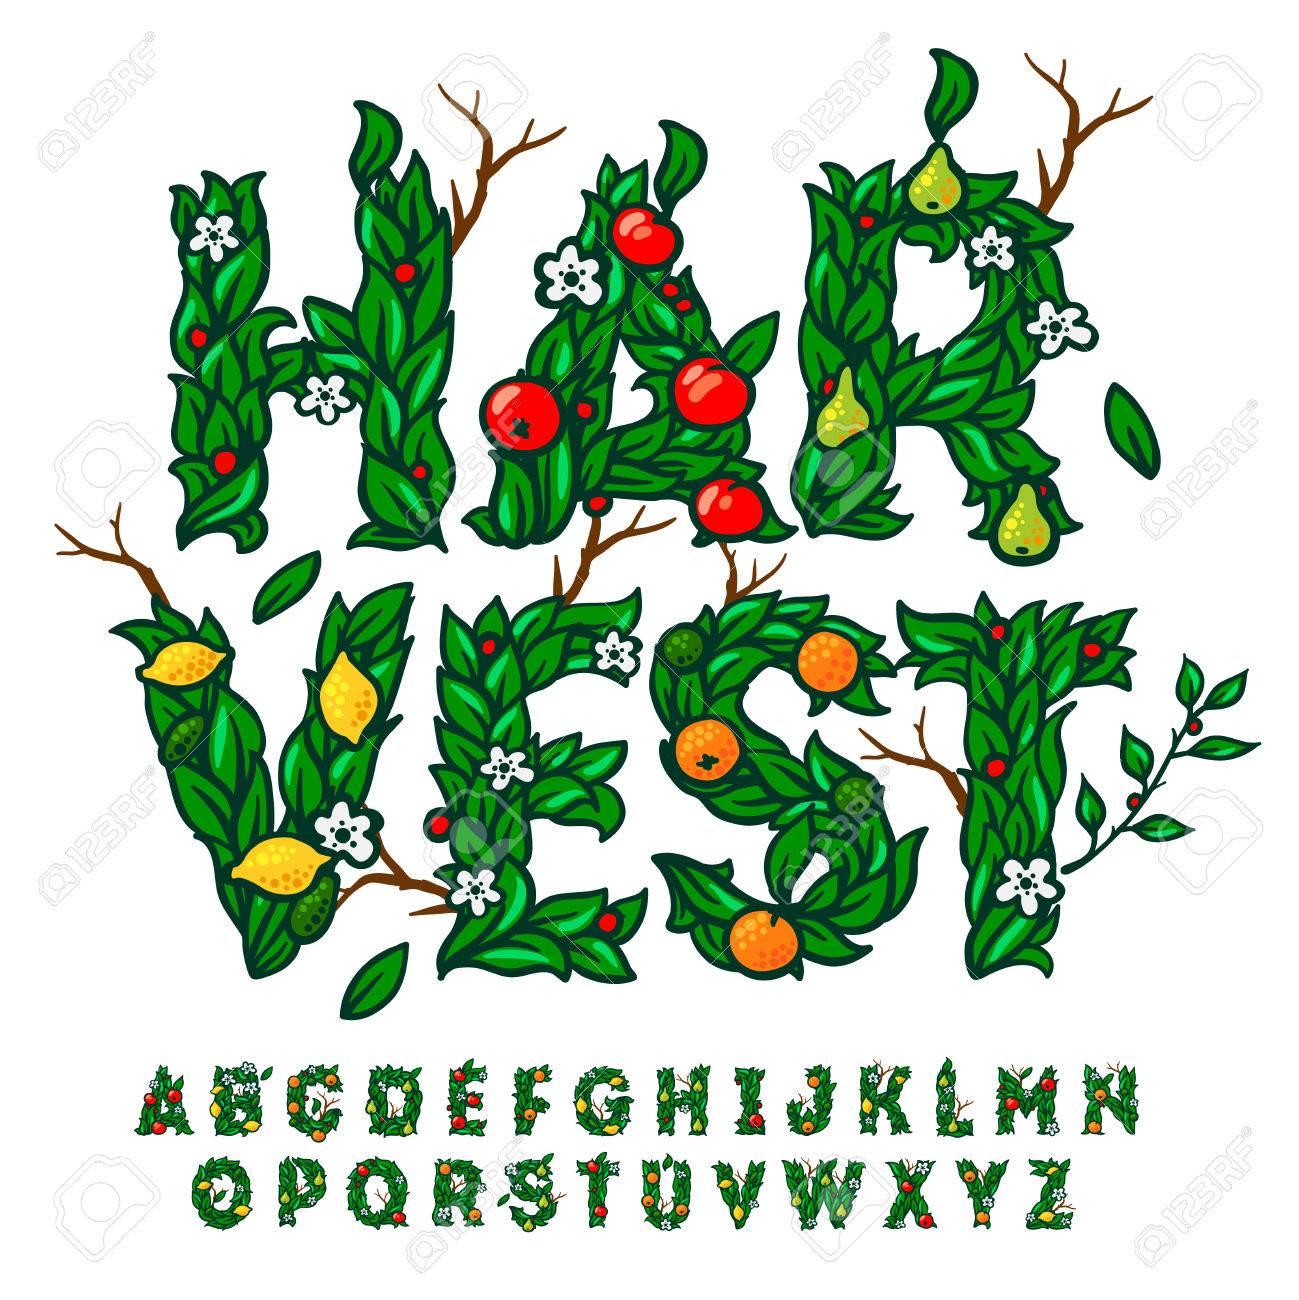 Alphabet mit Blättern und Früchten, die Verwendung für den Herbst Erntefest Design, Vektor-Illustration. Standard-Bild - 47657789